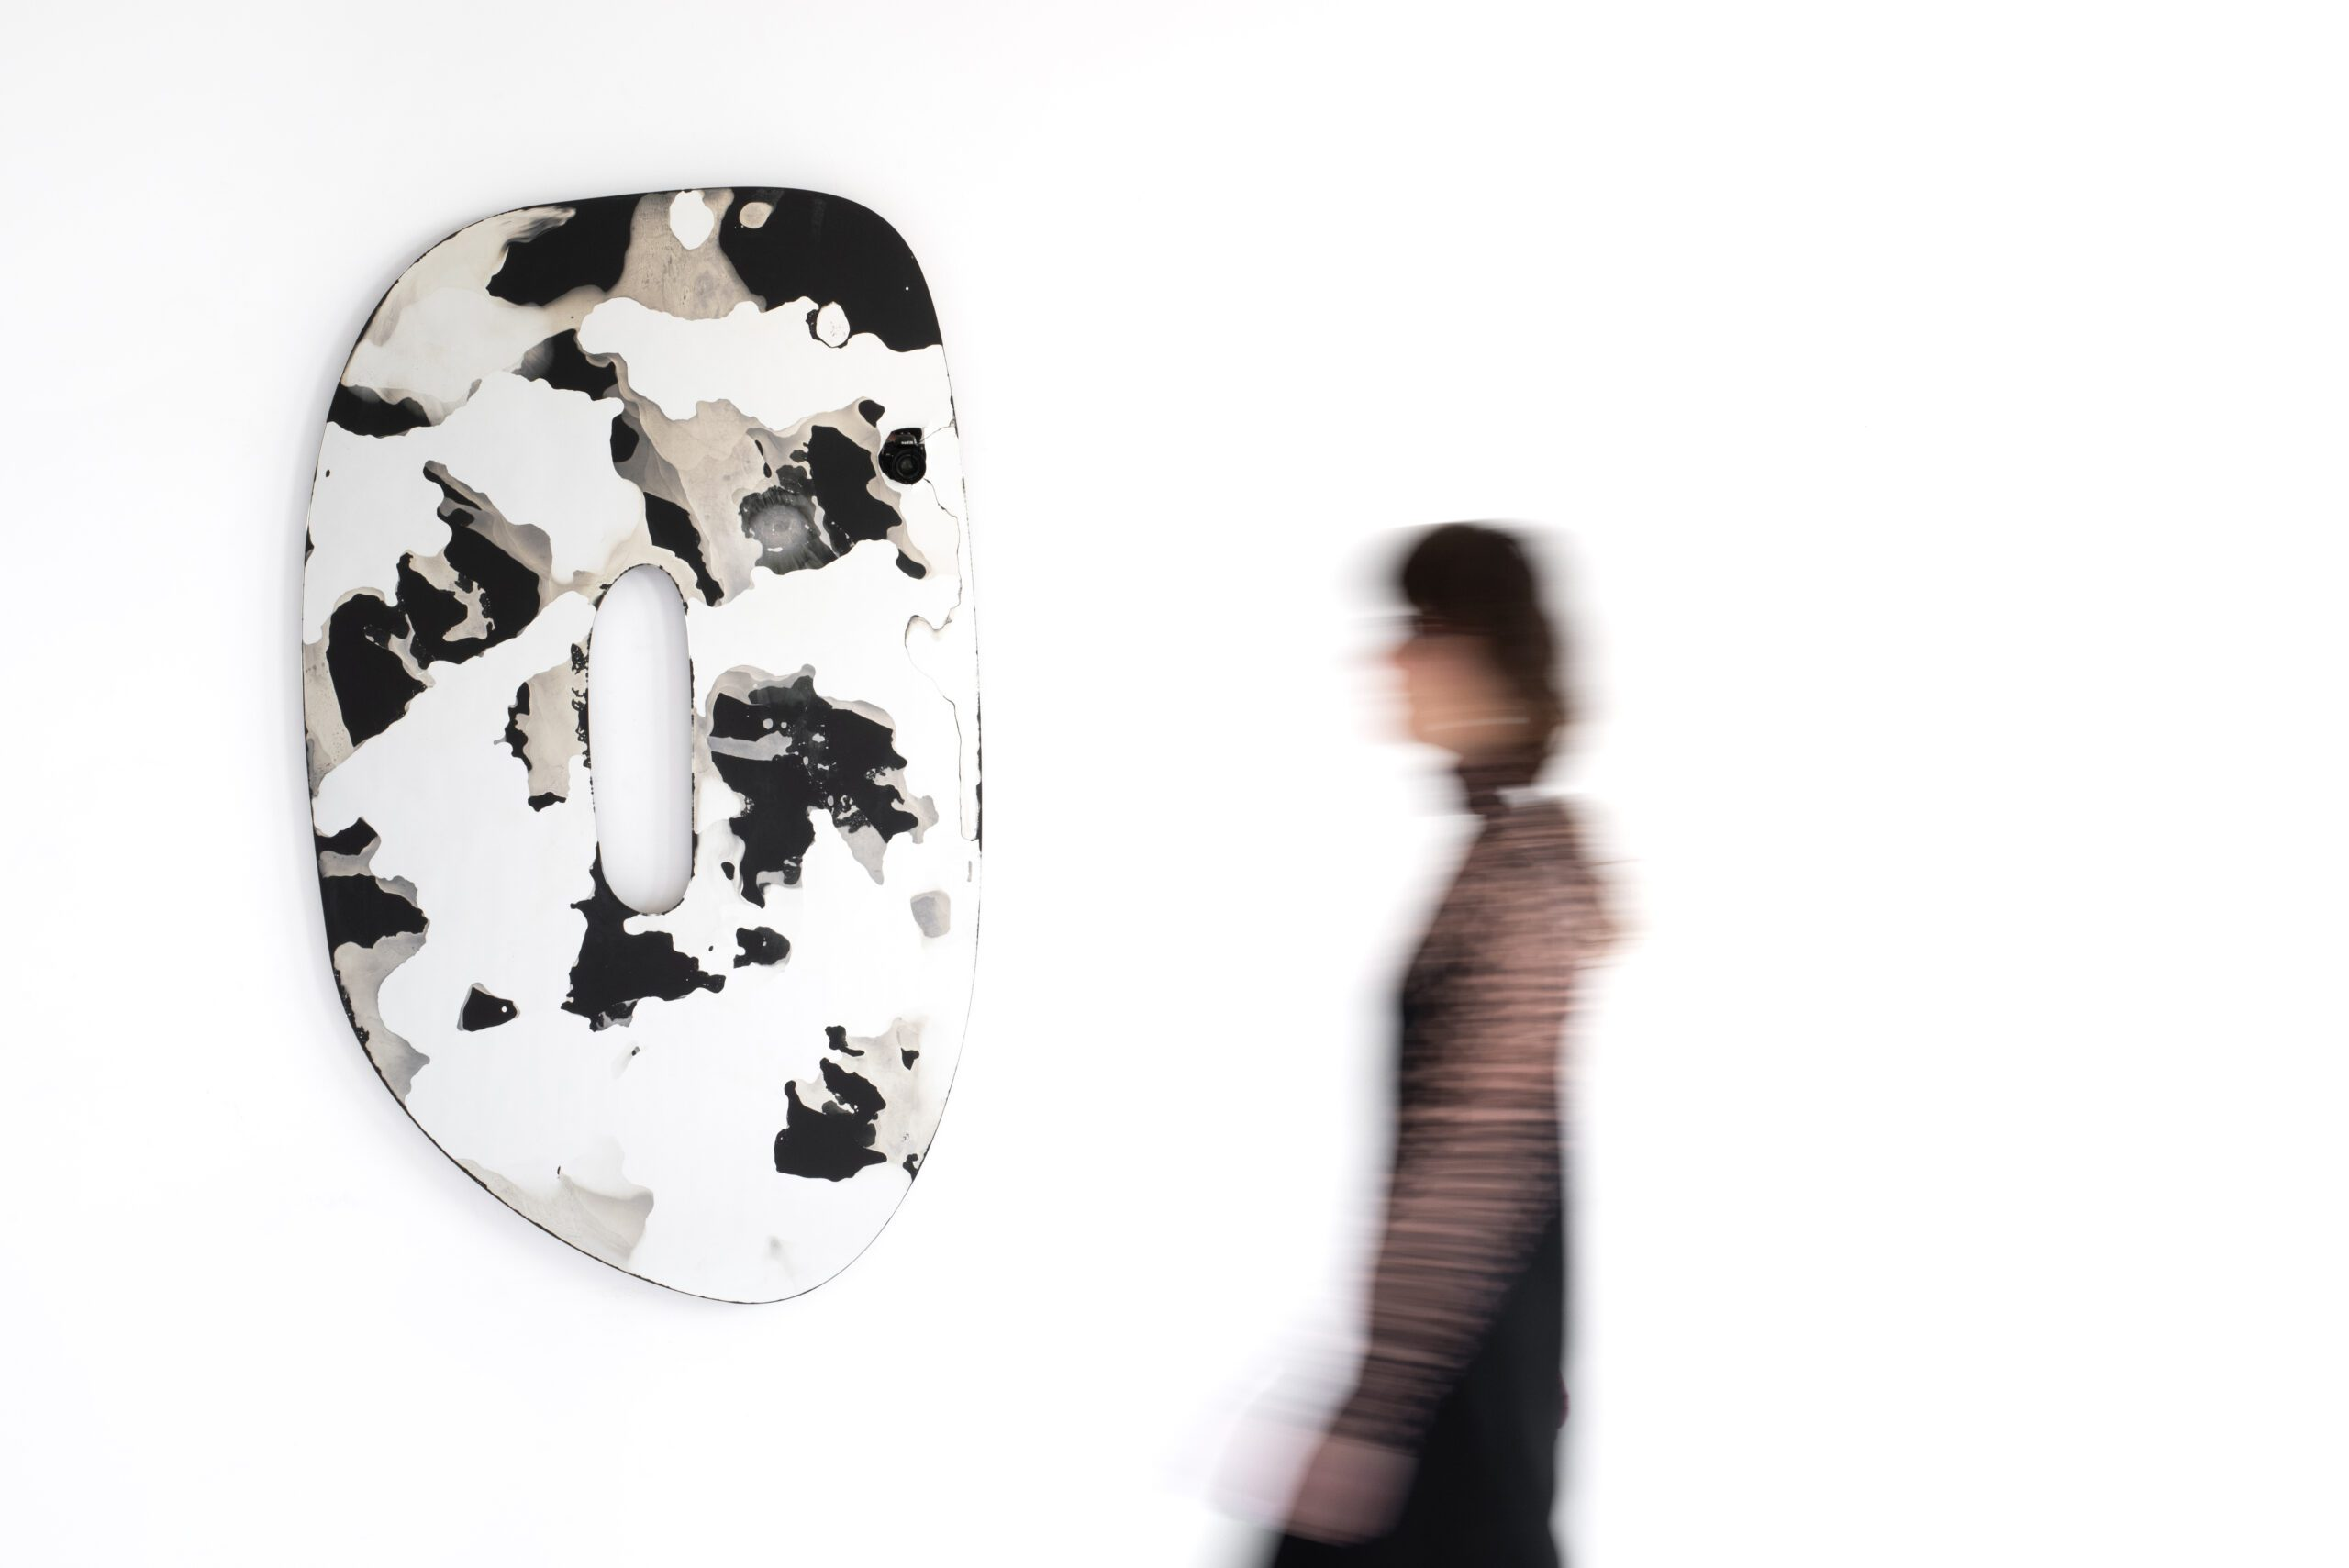 Mirror No. 13